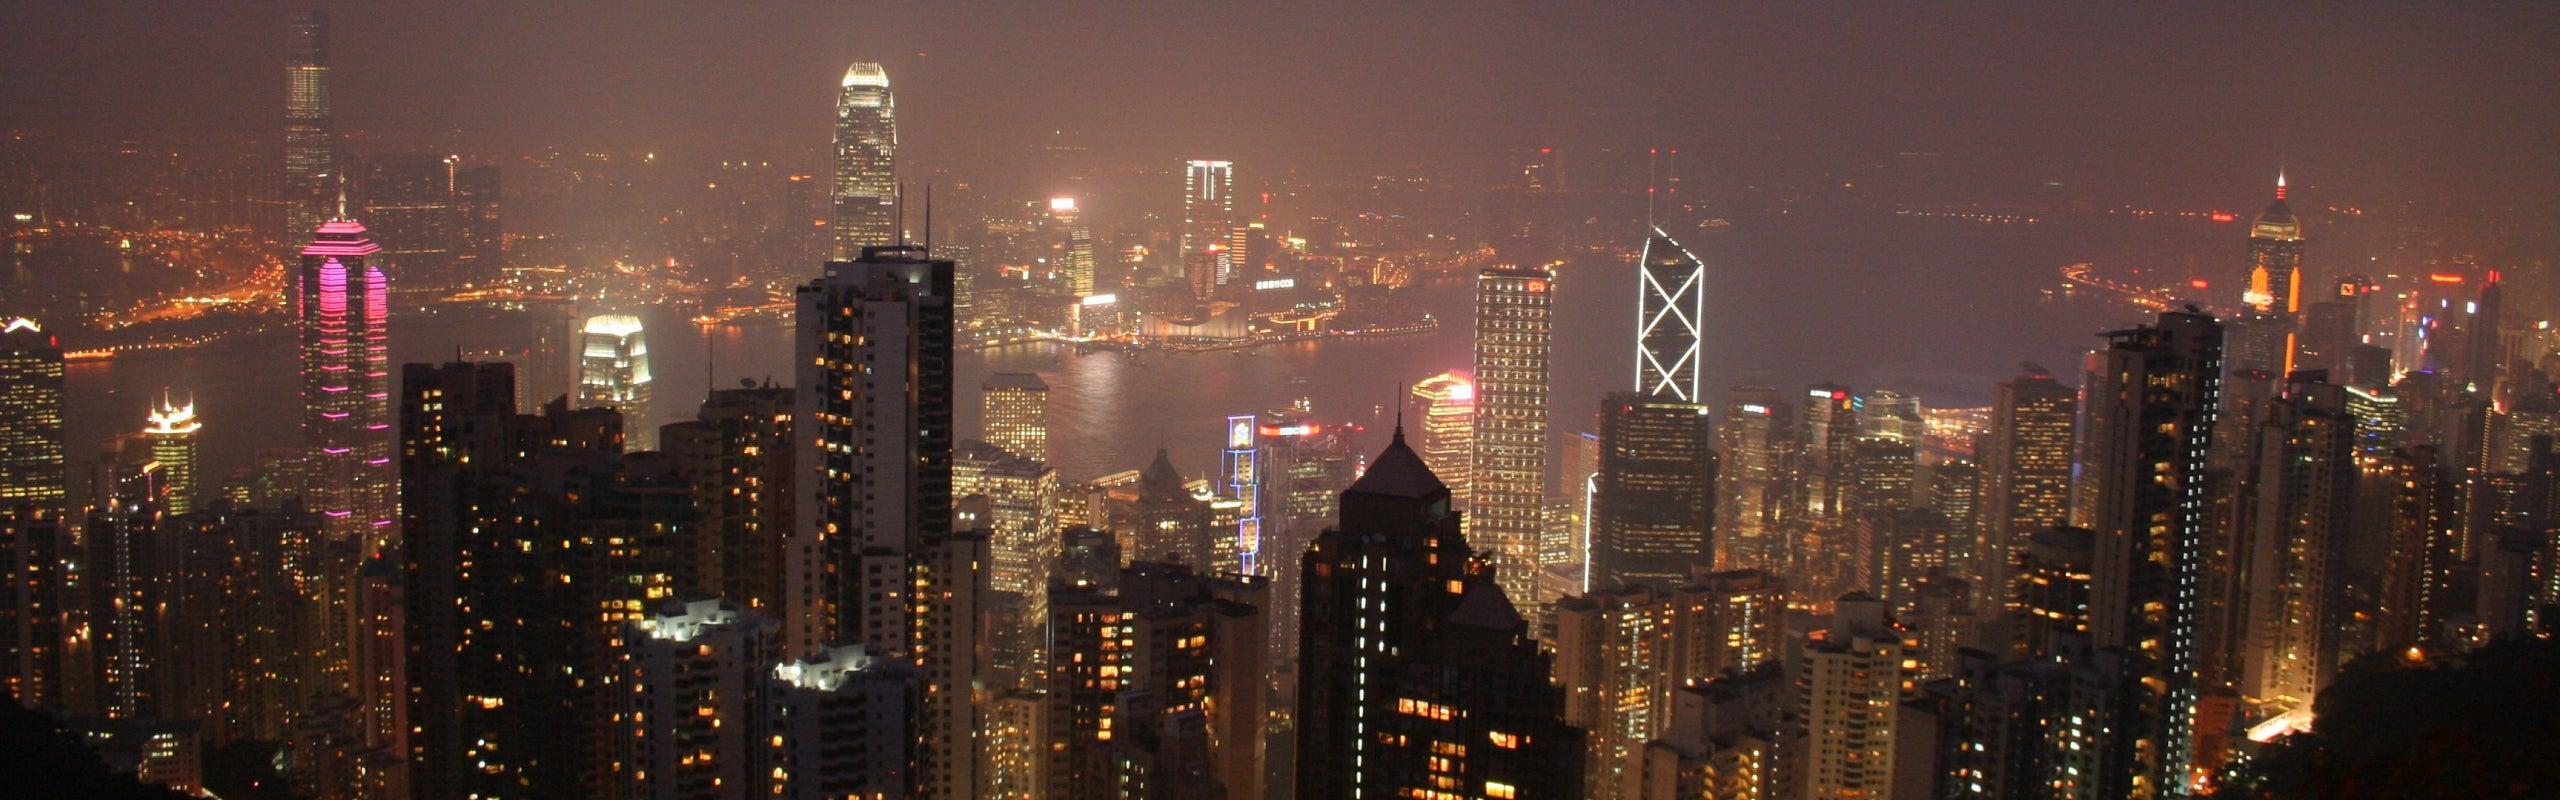 7 Tempat Wisata di Hongkong yang Paling Populer